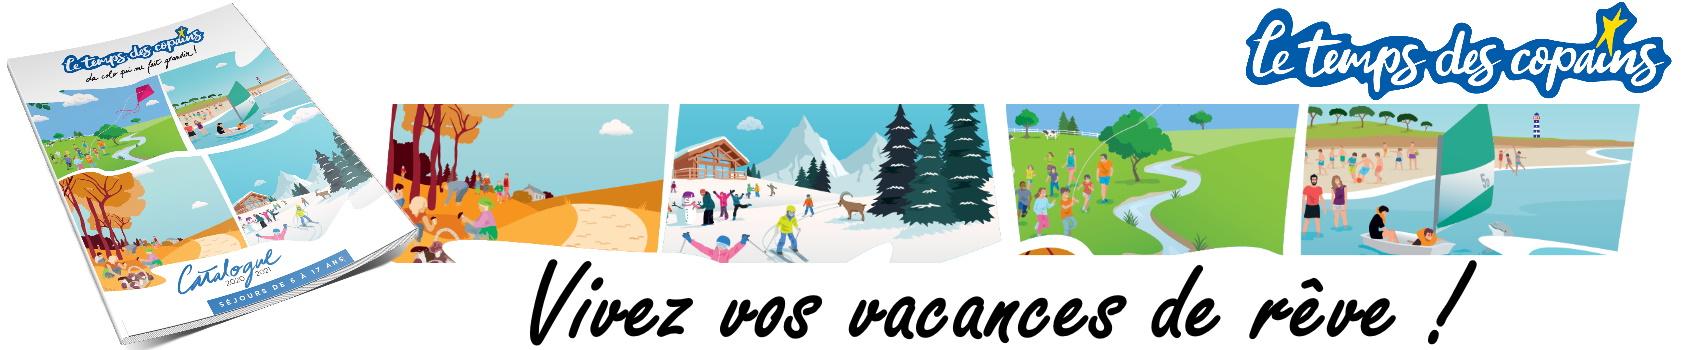 Depuis plus de 10 ans - Vos séjours de vacances avec l'association Le Temps Des Copains - LTC